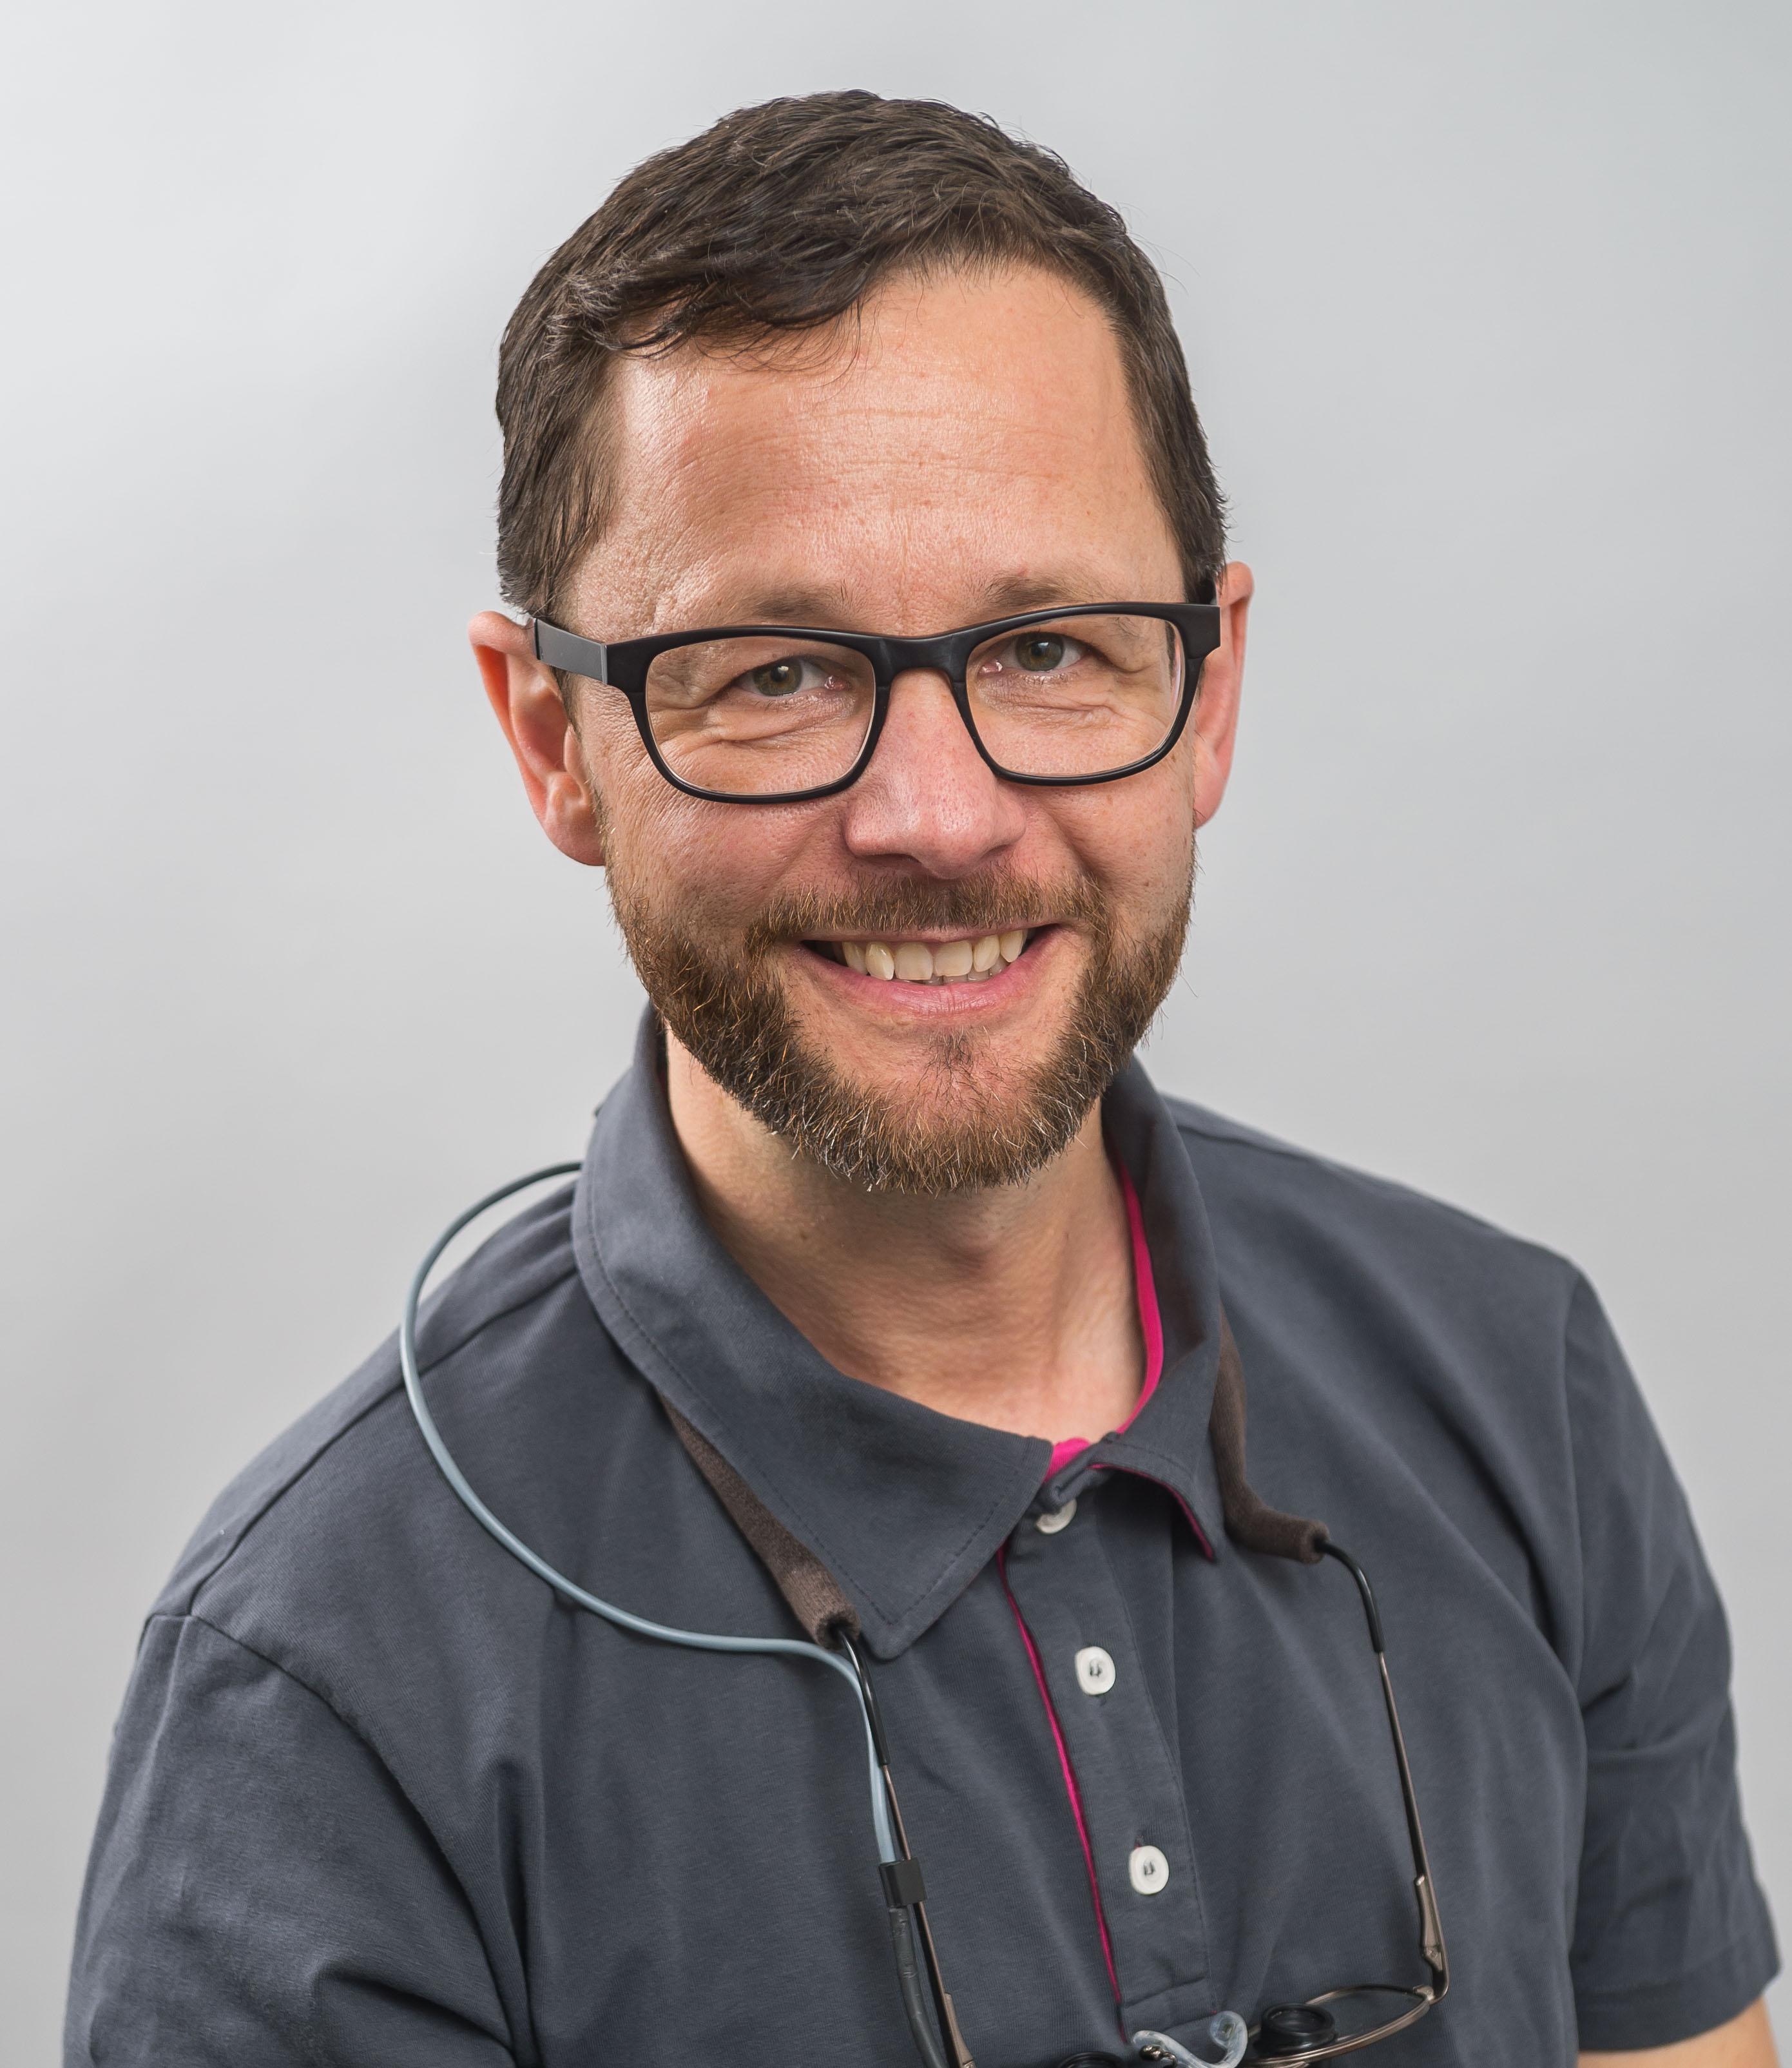 Zahnarzt Dr. med. Mark Stephan Lindner